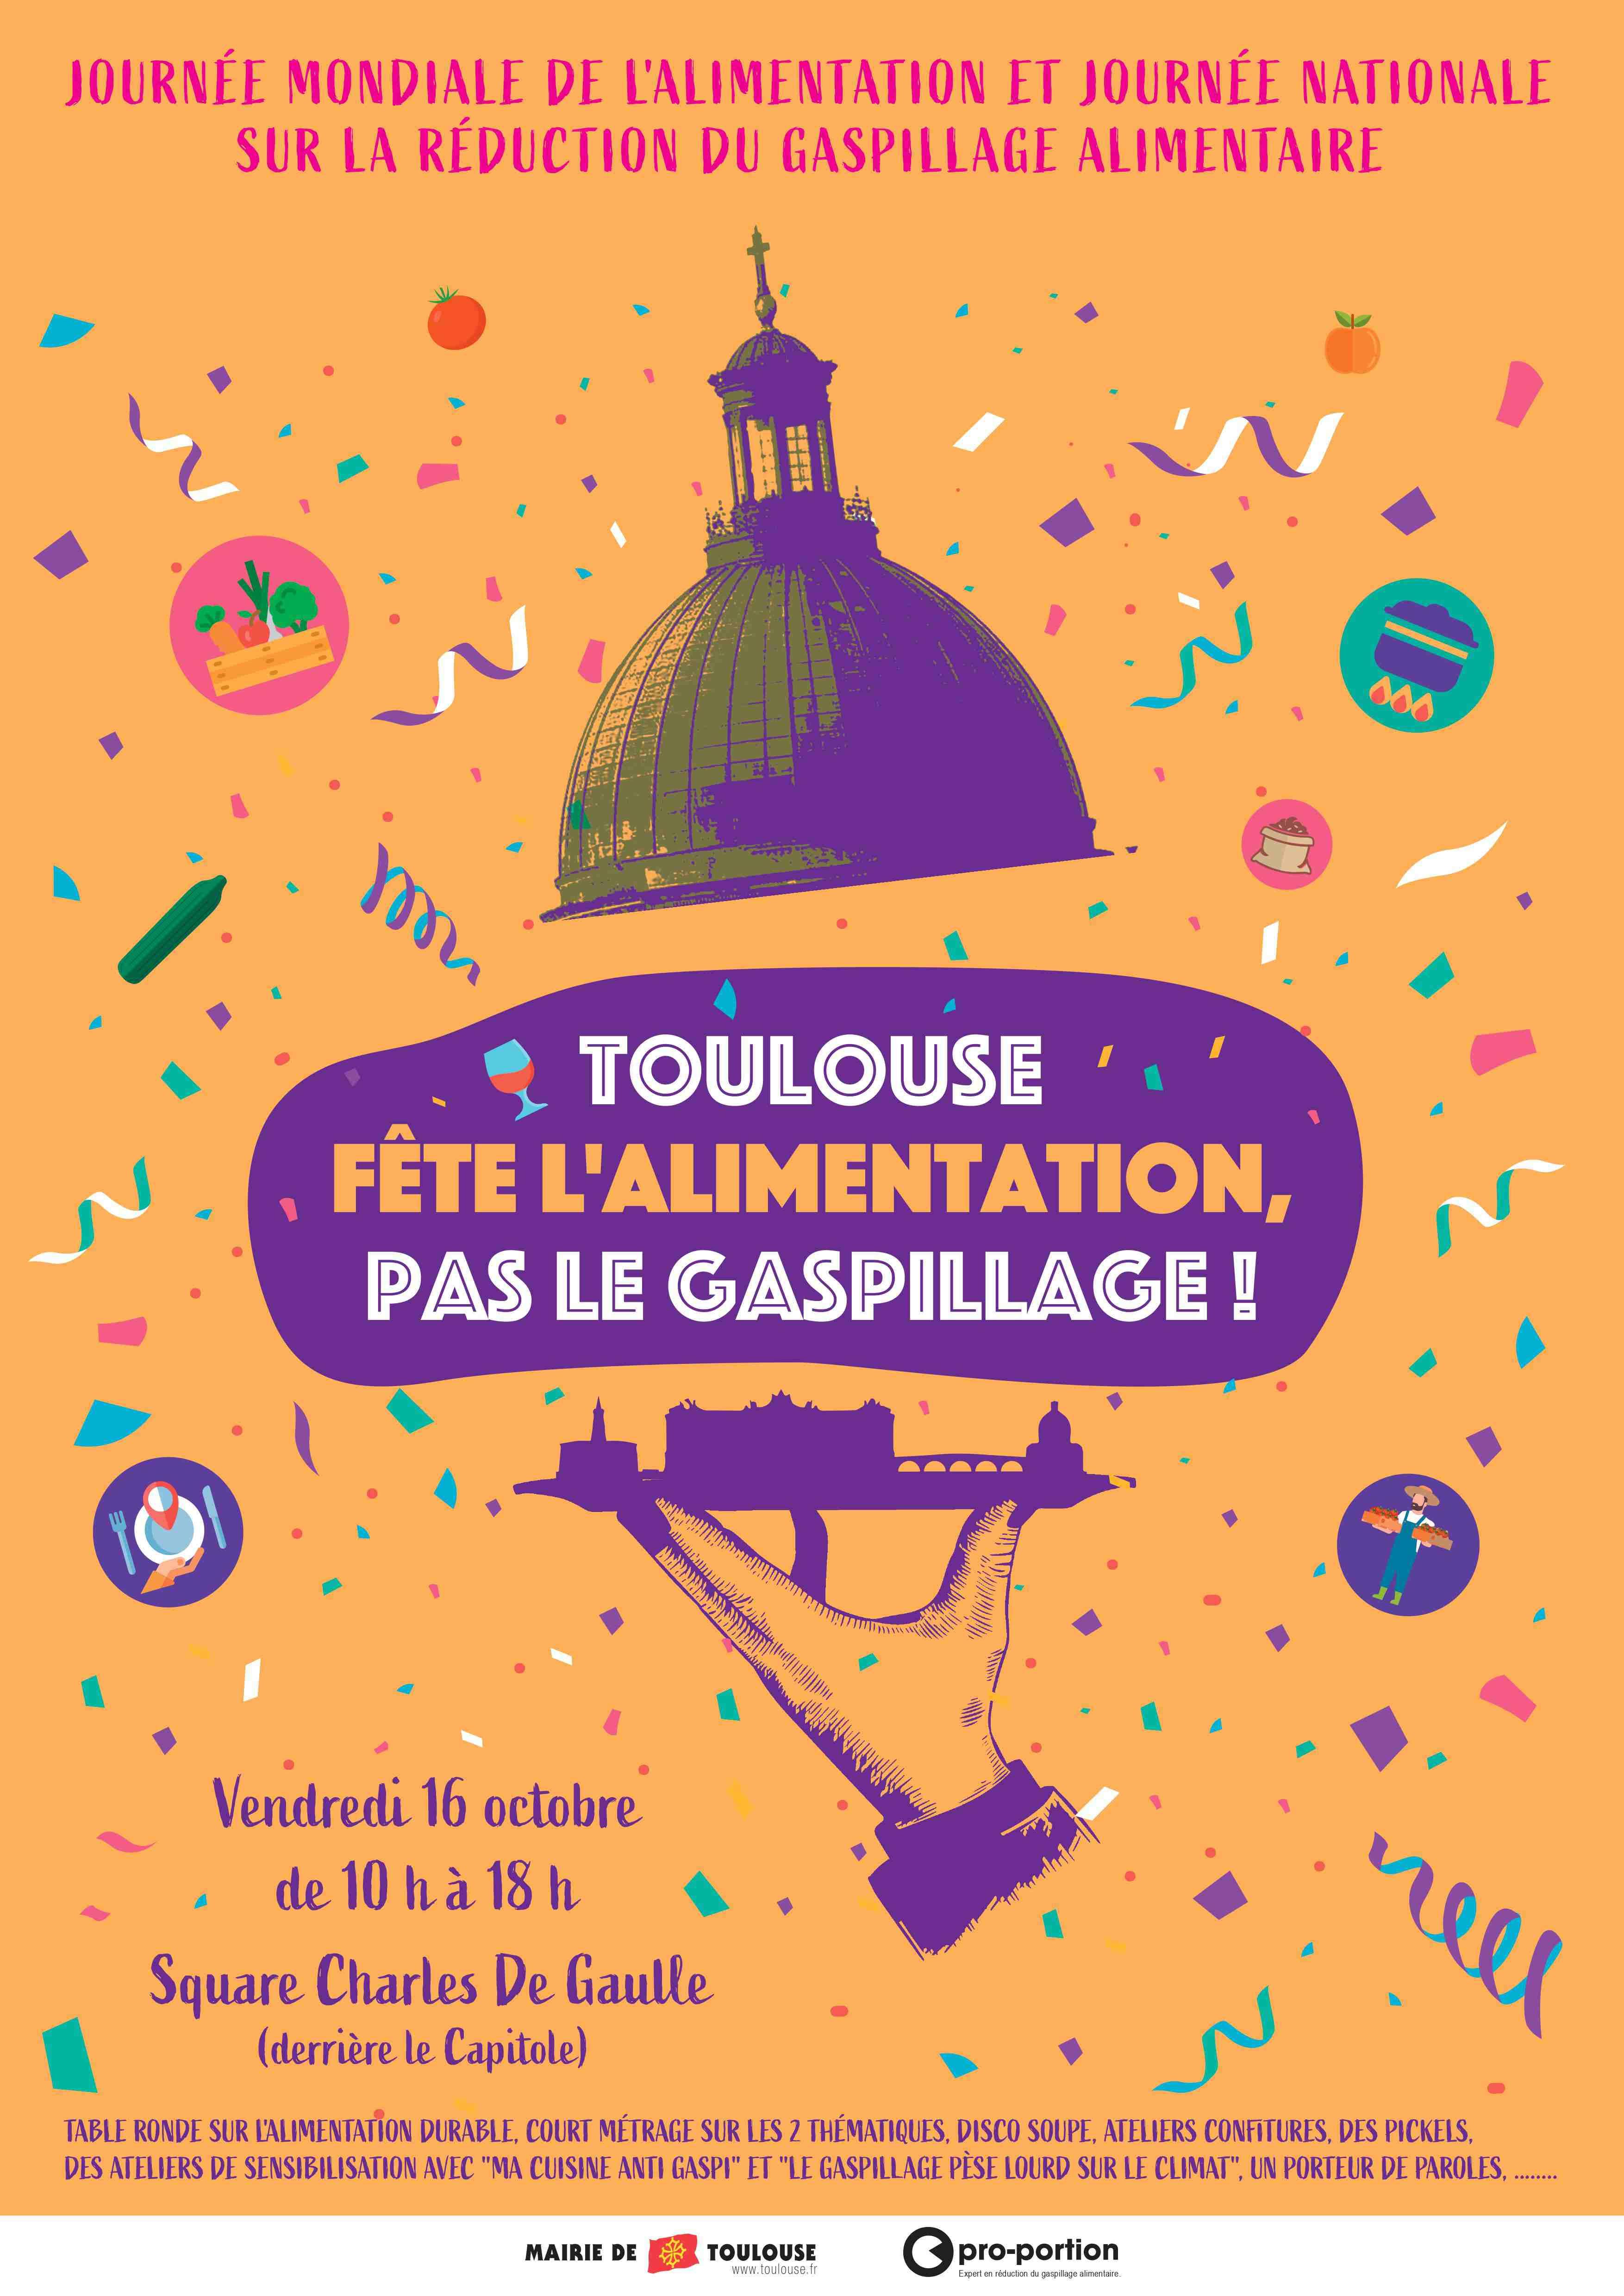 Toulouse fête l'alimentation, pas le gaspillage !